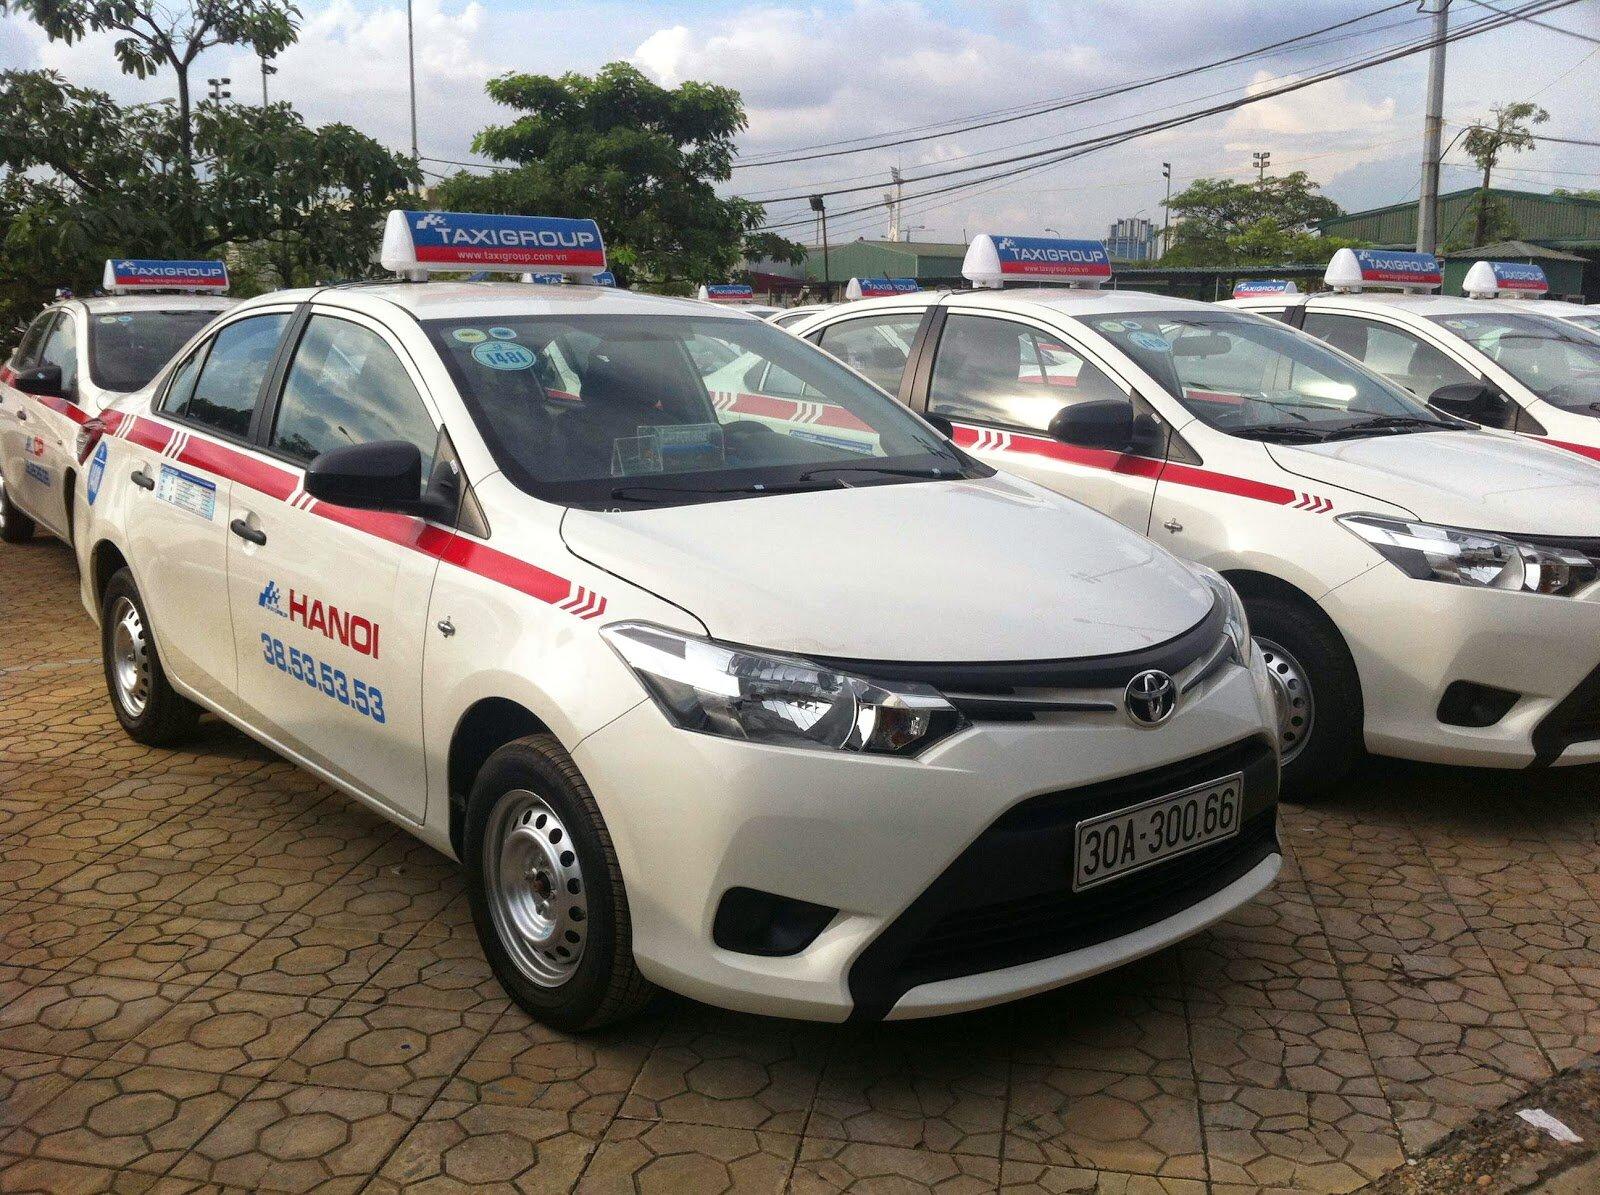 Giá cước taxi tại Hà nội mới nhất cập nhật tháng 6/2015